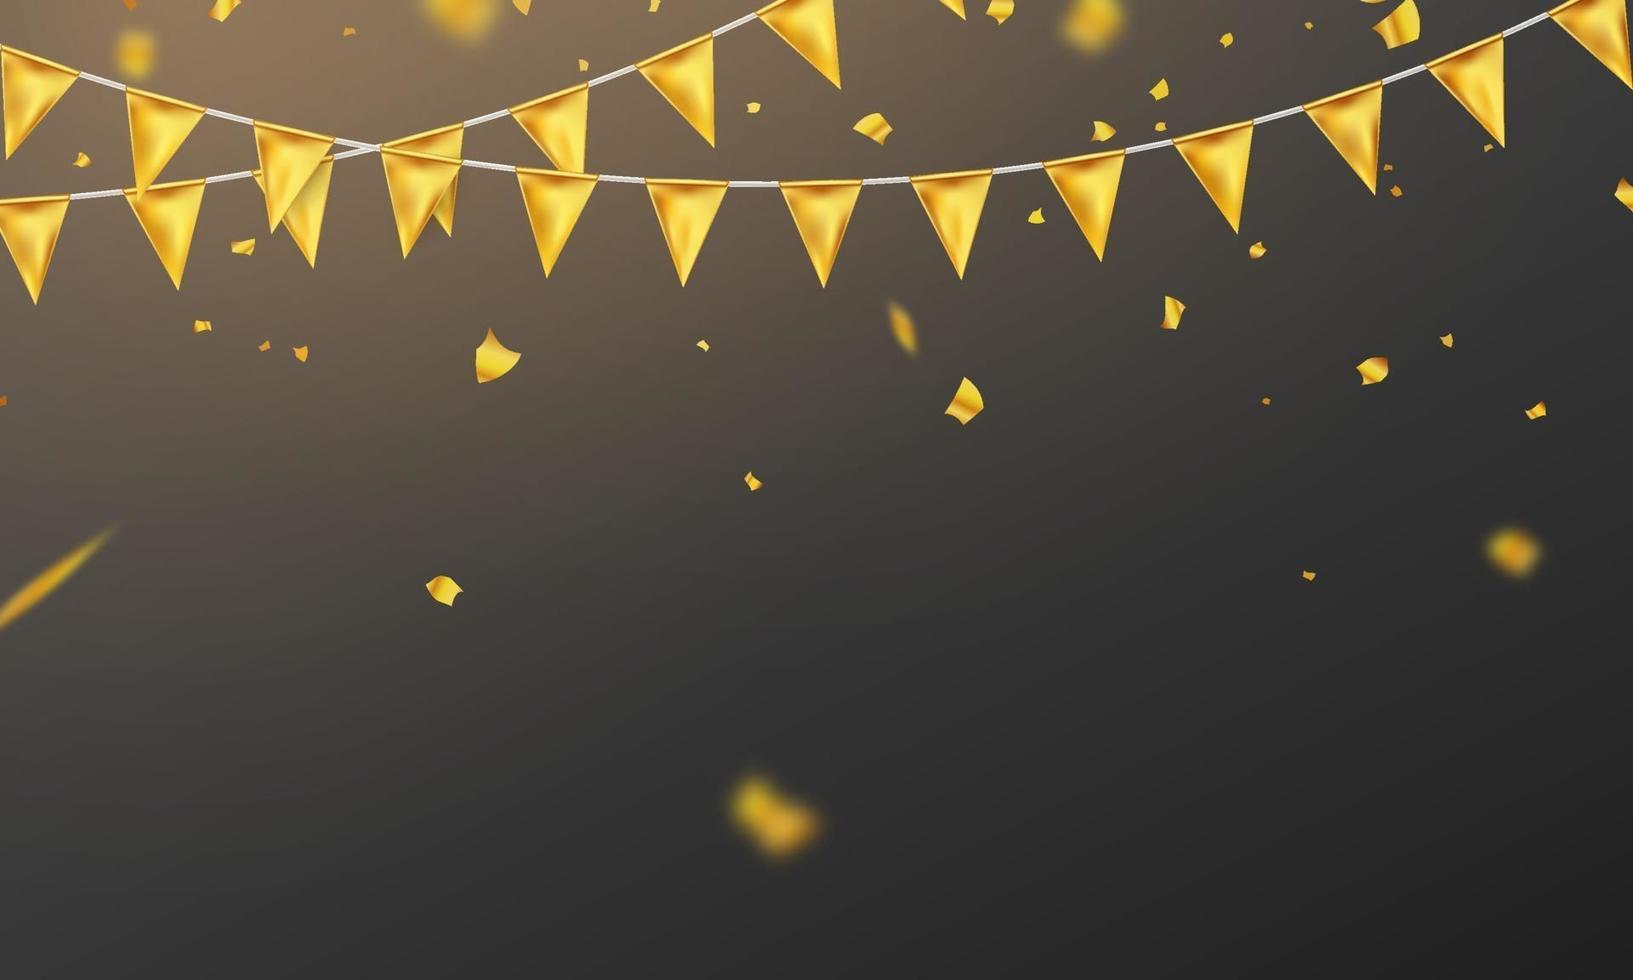 drapeau or confettis concept design modèle vacances bonne journée, illustration vectorielle de fond célébration. vecteur